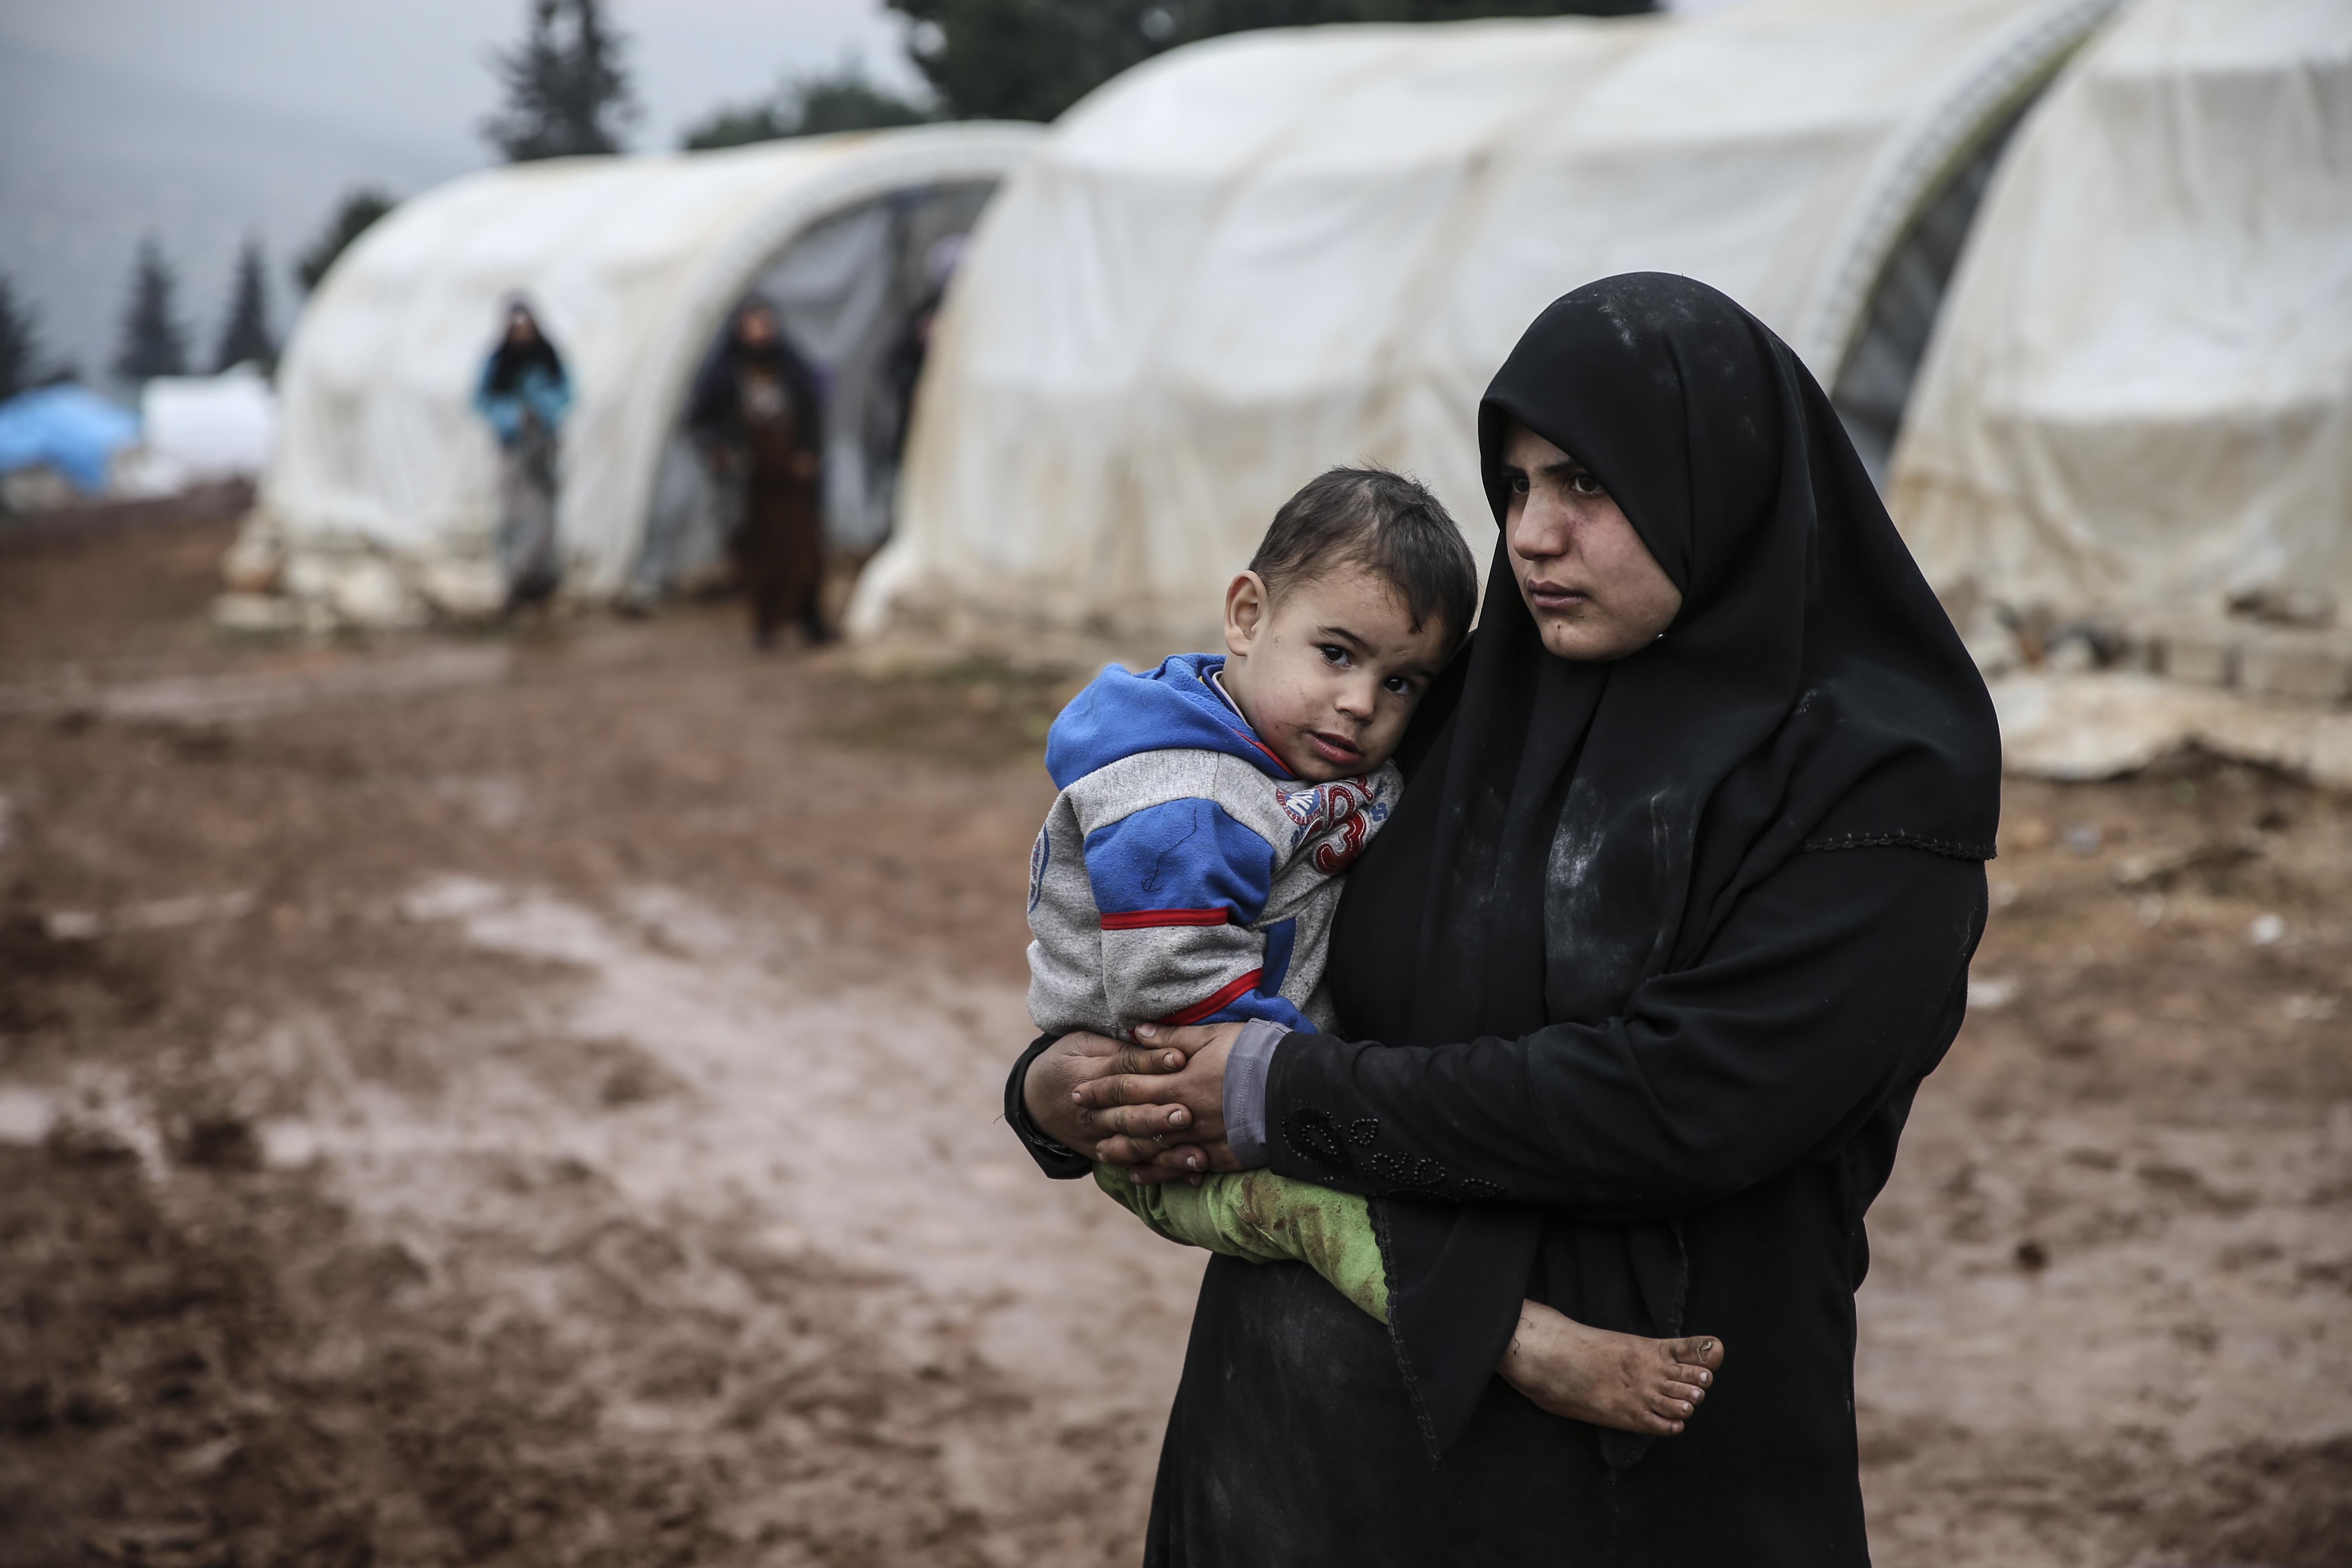 آثار كارثية للحرب في سوريا على الروابط الاجتماعية ــ ابراهيم الصالح